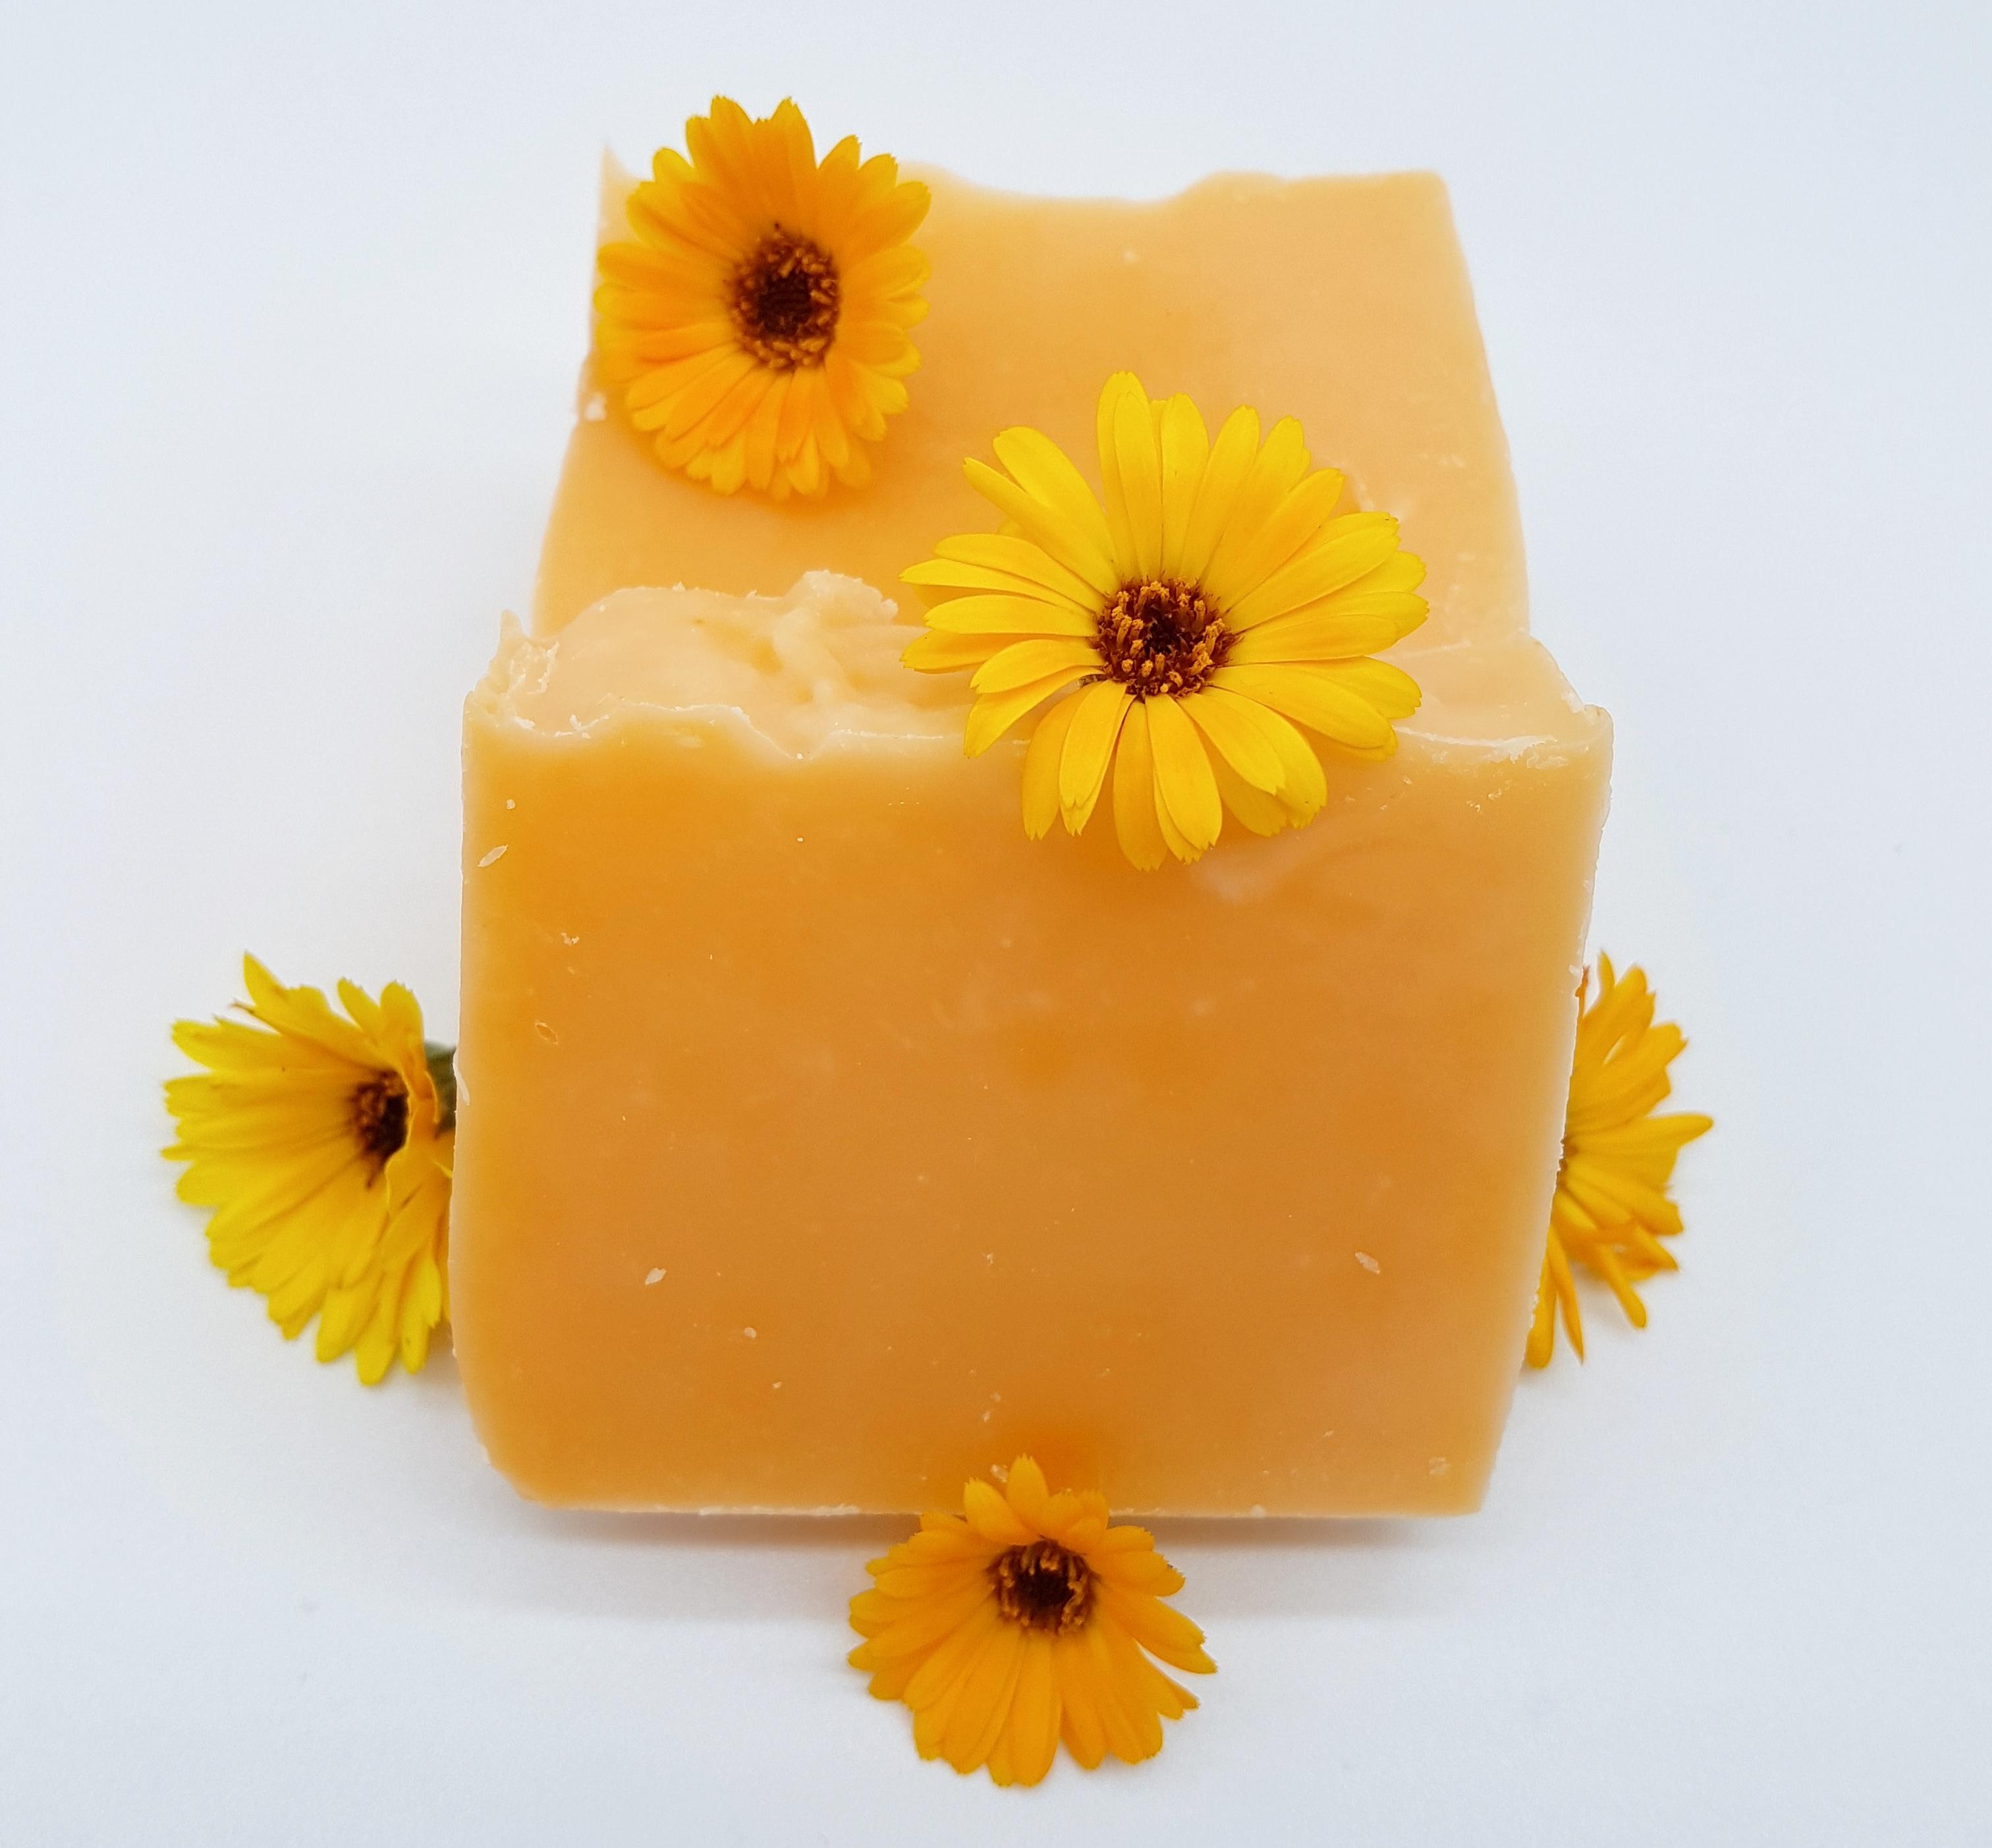 Haarseife Haarseifen Haarwaschseifen Seife Seifen Haare waschen gut test Beauty Produkte vegan Shampoo test Naturkosmetik Zubehör